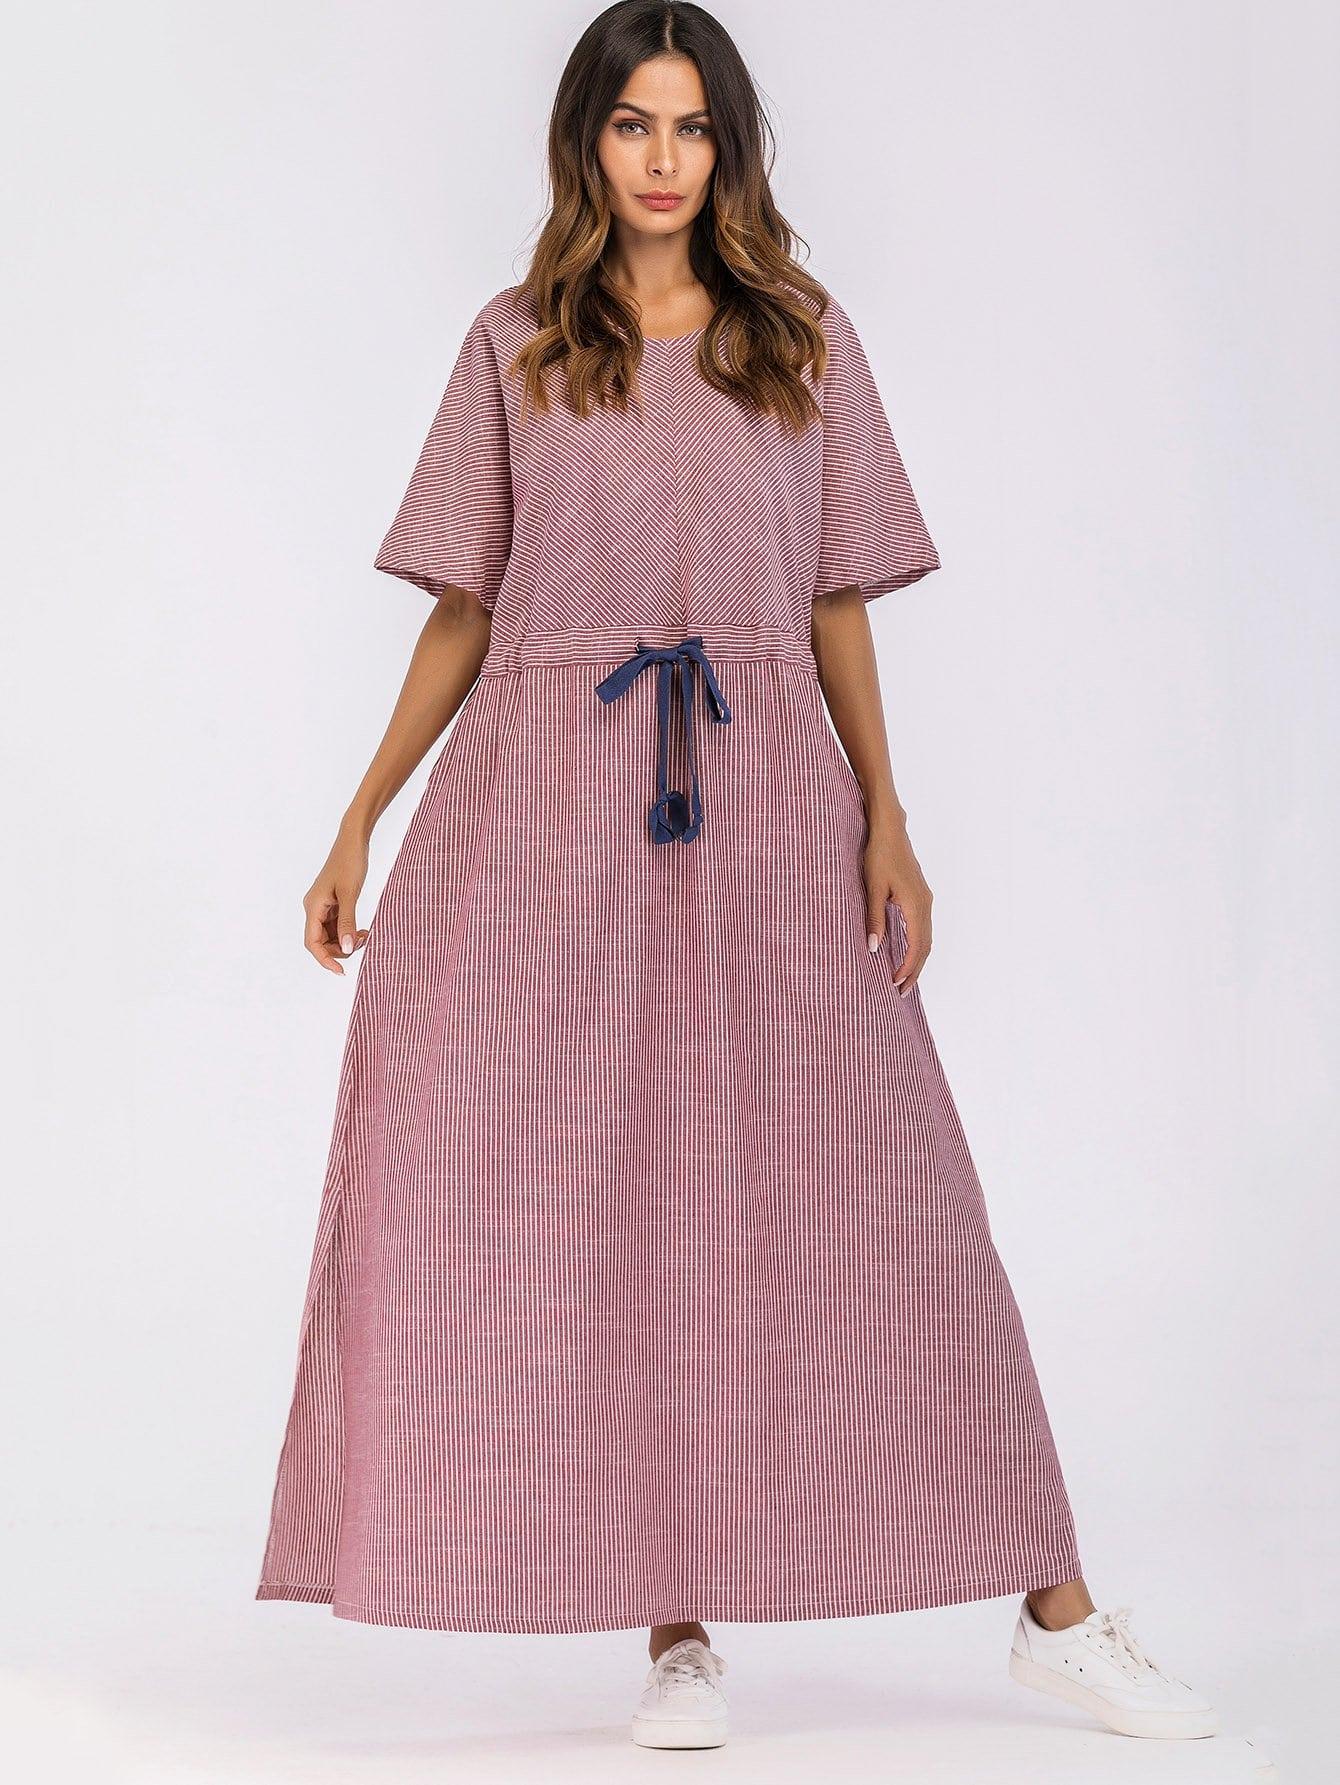 Купить Платье с украшением двух кармана и разрез с обеих сторон и с басономэластичным в талию, Andy, SheIn